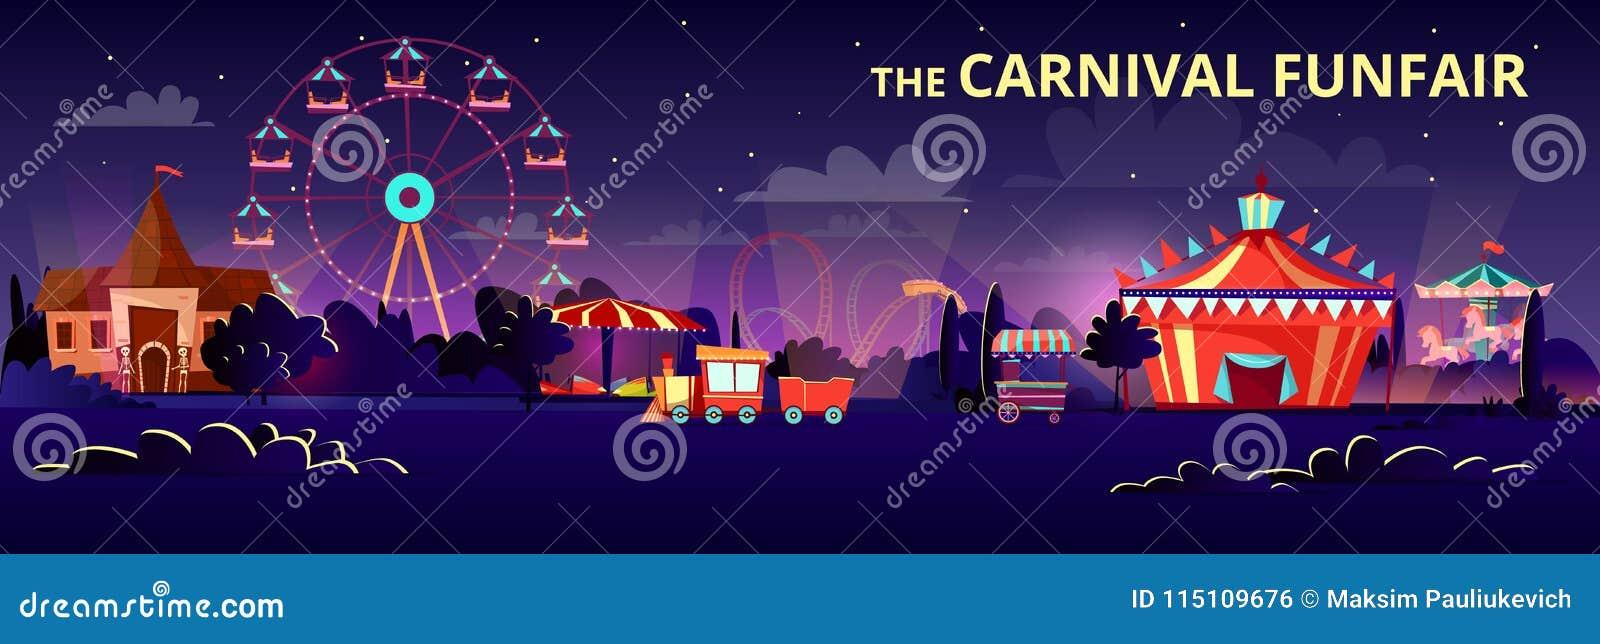 Illustratie van het pretpark de vectorbeeldverhaal van Carnaval funfair bij nacht met verlichting van ritten, carrousels en circu